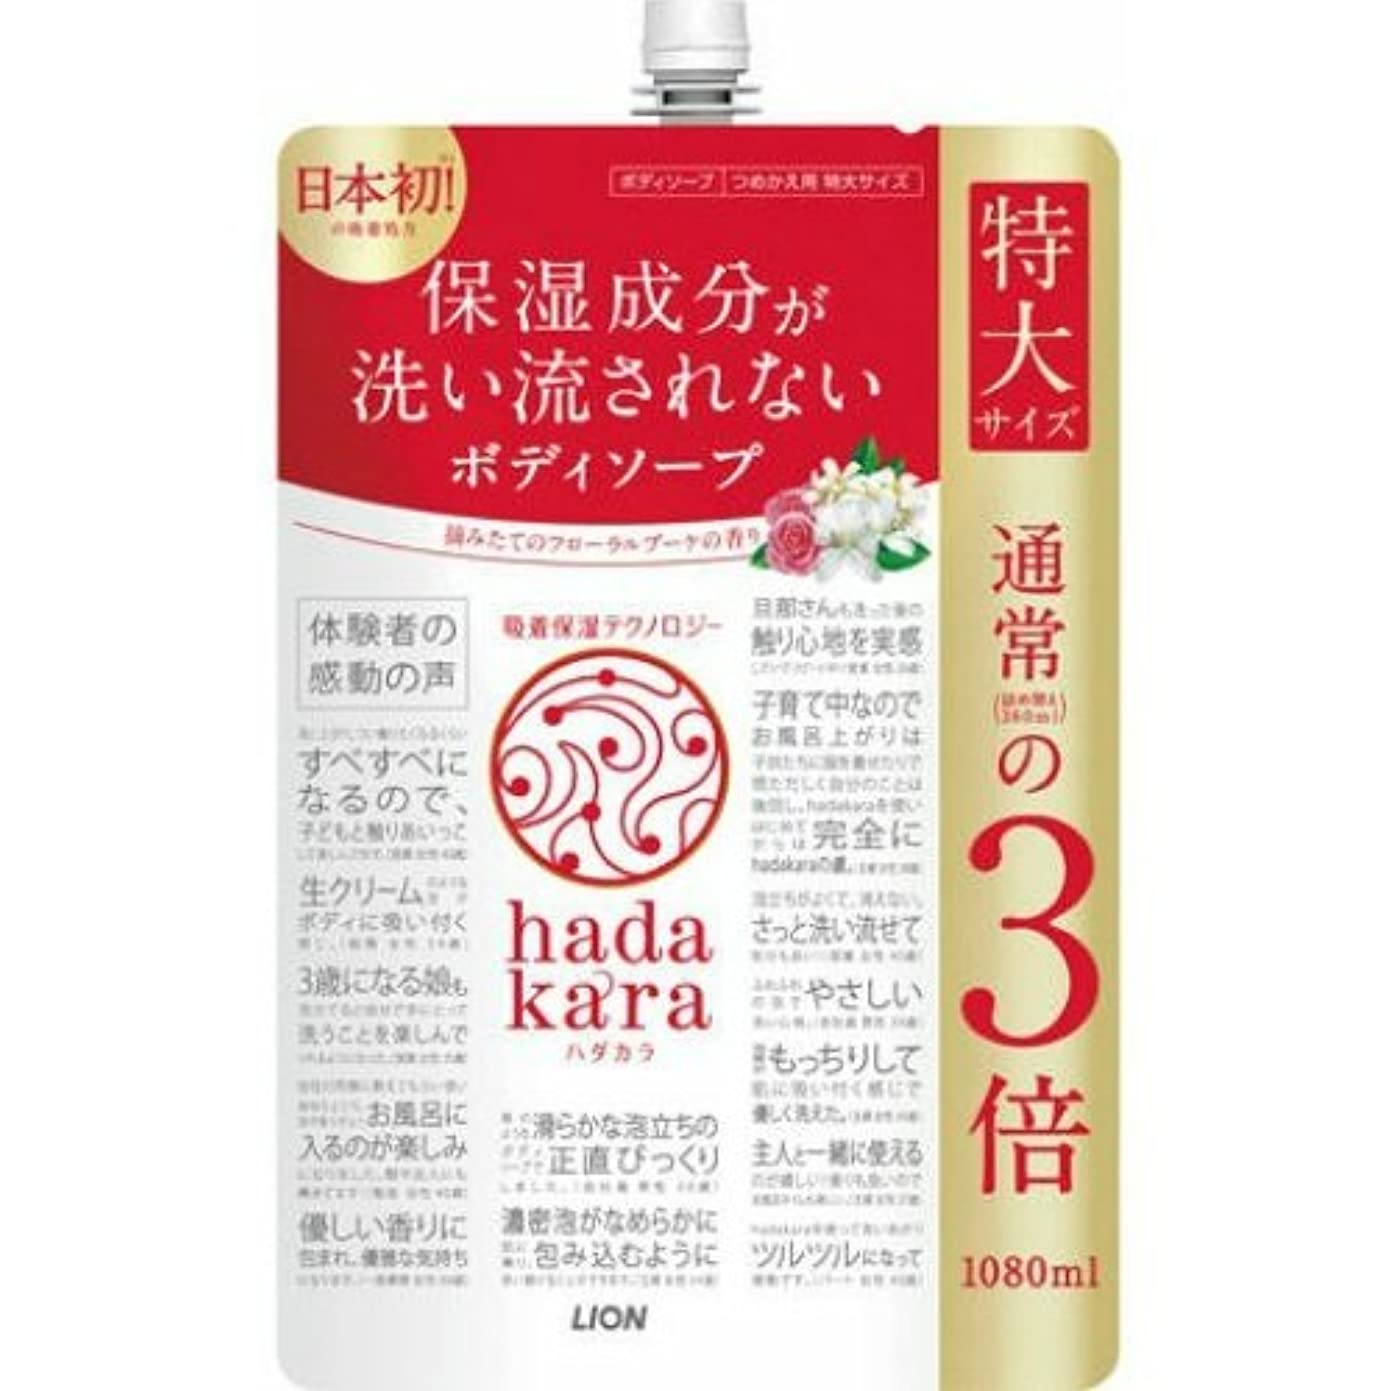 迷彩劇作家限定LION ライオン hadakara ハダカラ ボディソープ フローラルブーケの香り つめかえ用 特大サイズ 1080ml ×006点セット(4903301260875)